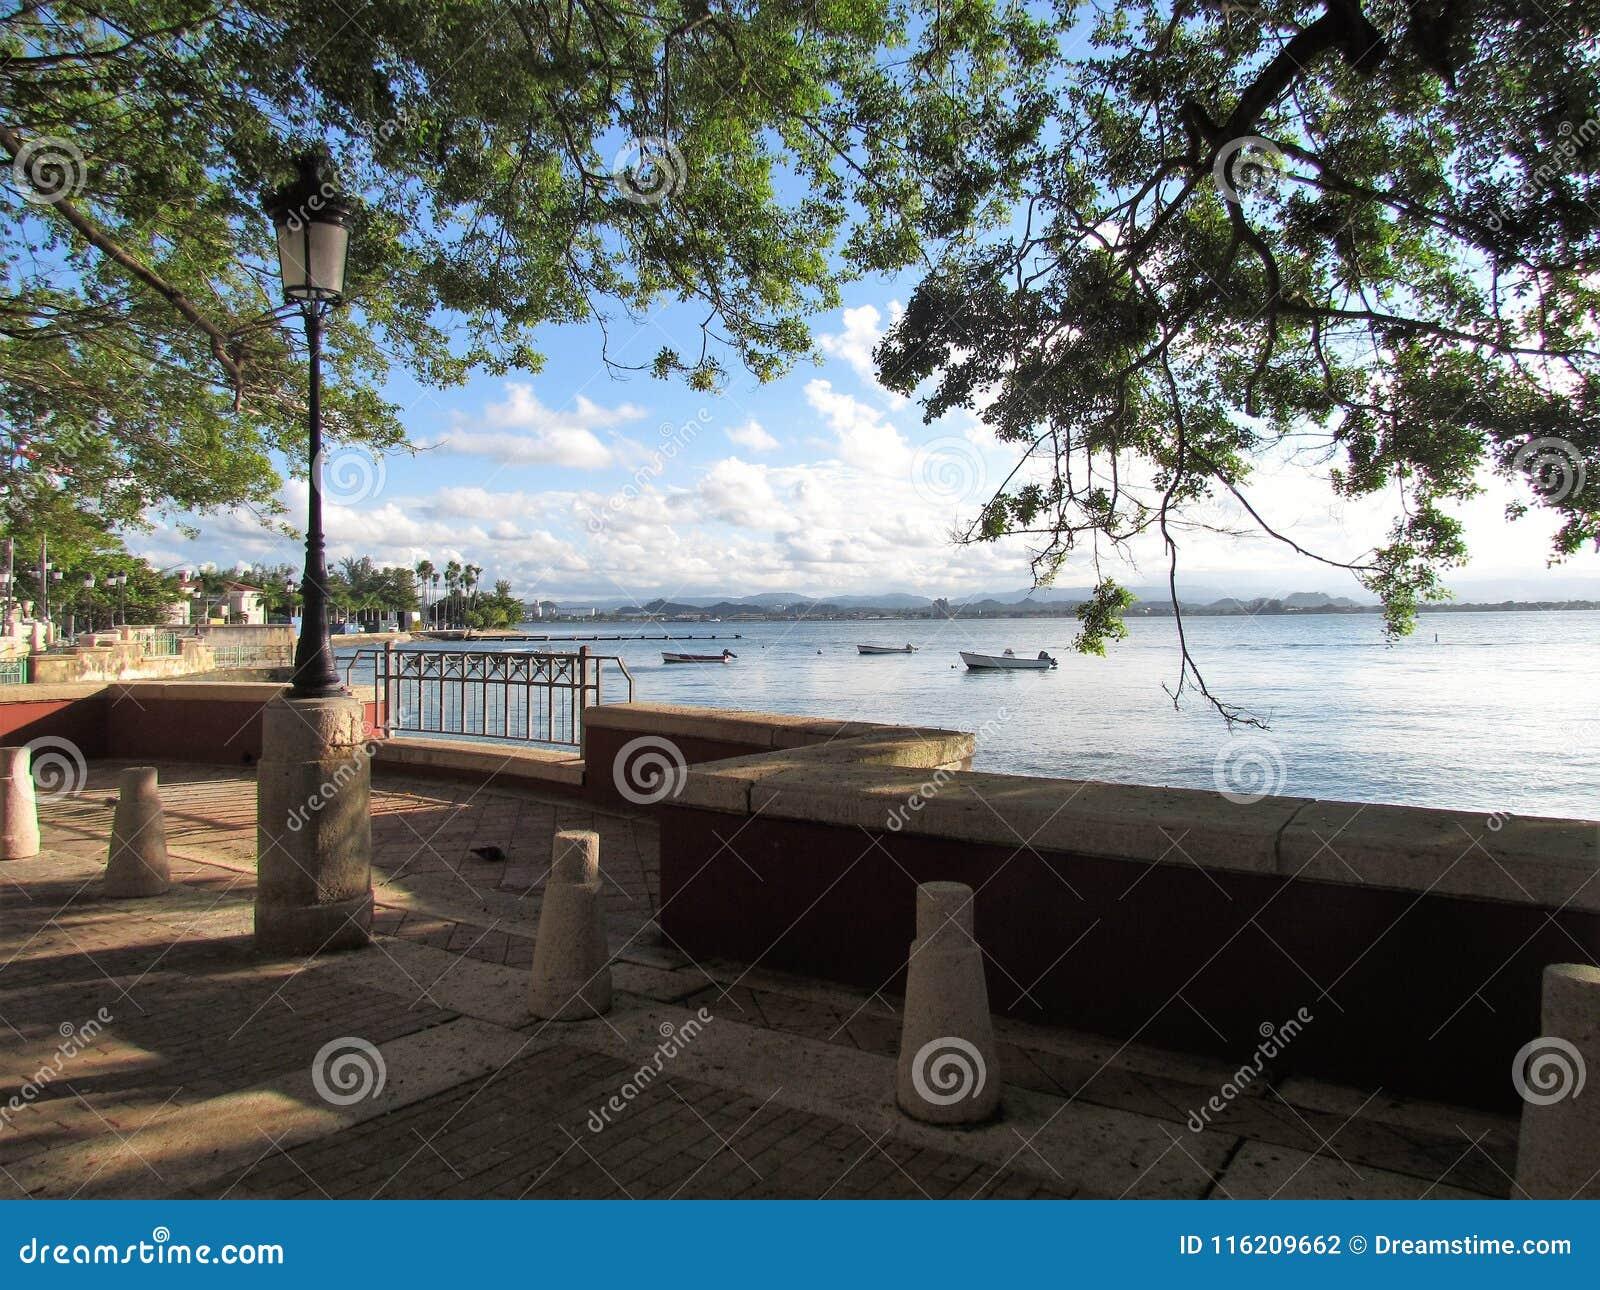 Puerto Rico - The island Borinquén